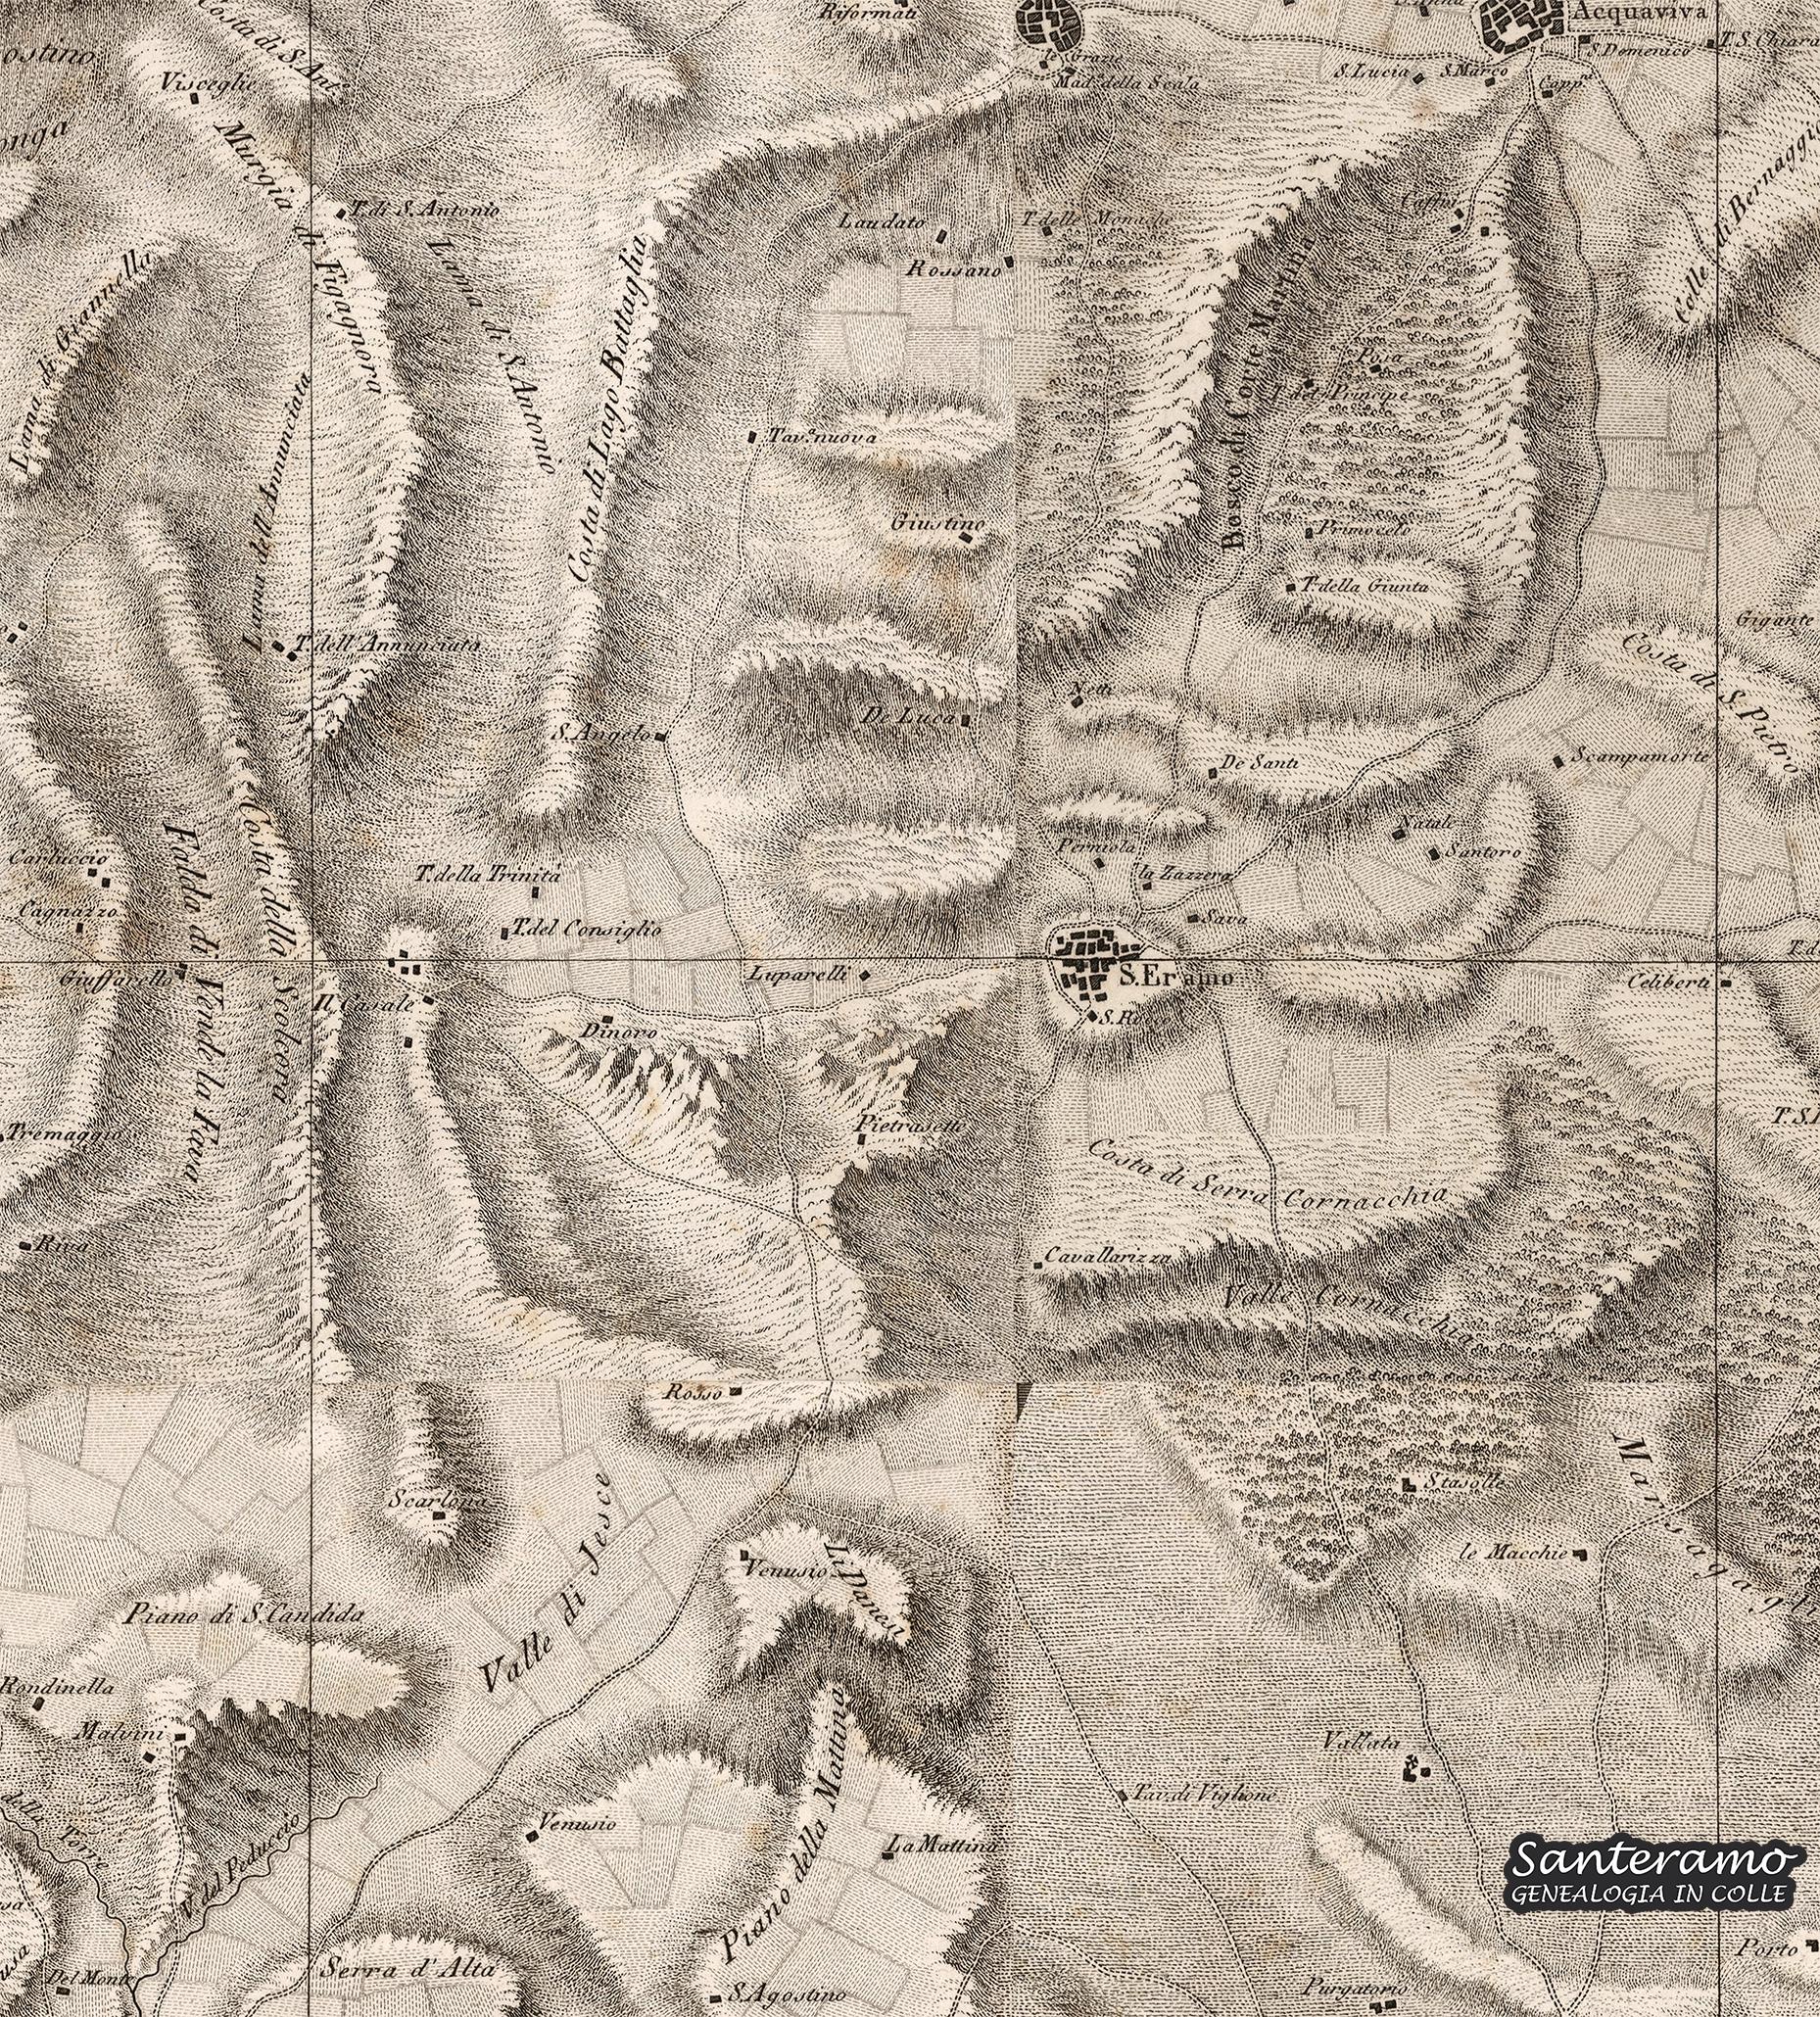 La mappa di Santeramo di inizio ottocento